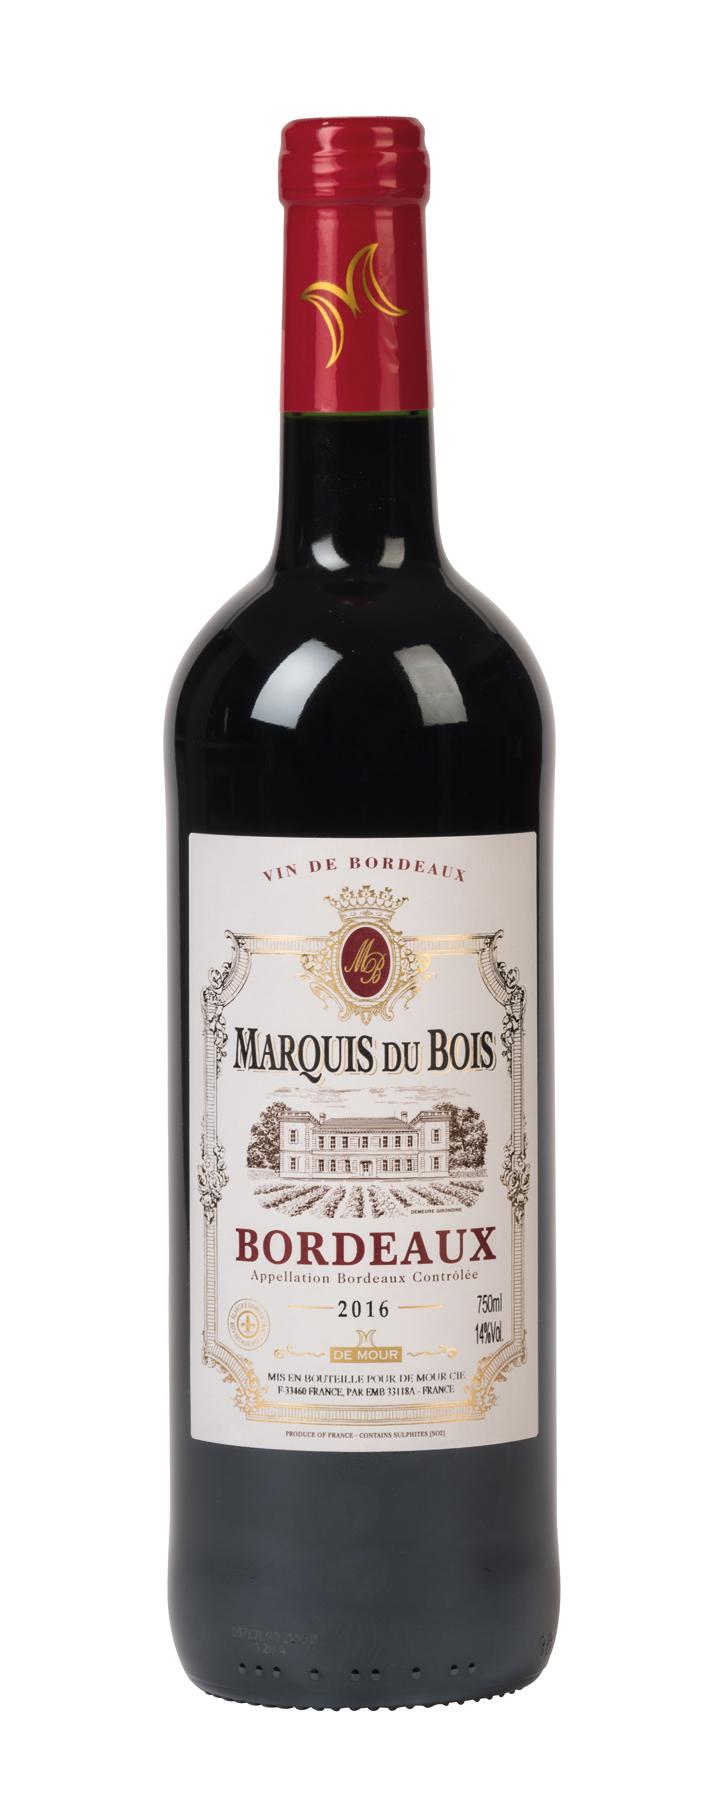 Vin rouge, 2016 MARQUIS DU BOIS – BORDEAUX par EG Diffusion 07210 BAIX Objets publicitaires et Cadeaux d'affaires Textile, PLV, Goodies, vêtement de travail, objets éco et durables , stylos , USB, multimédia